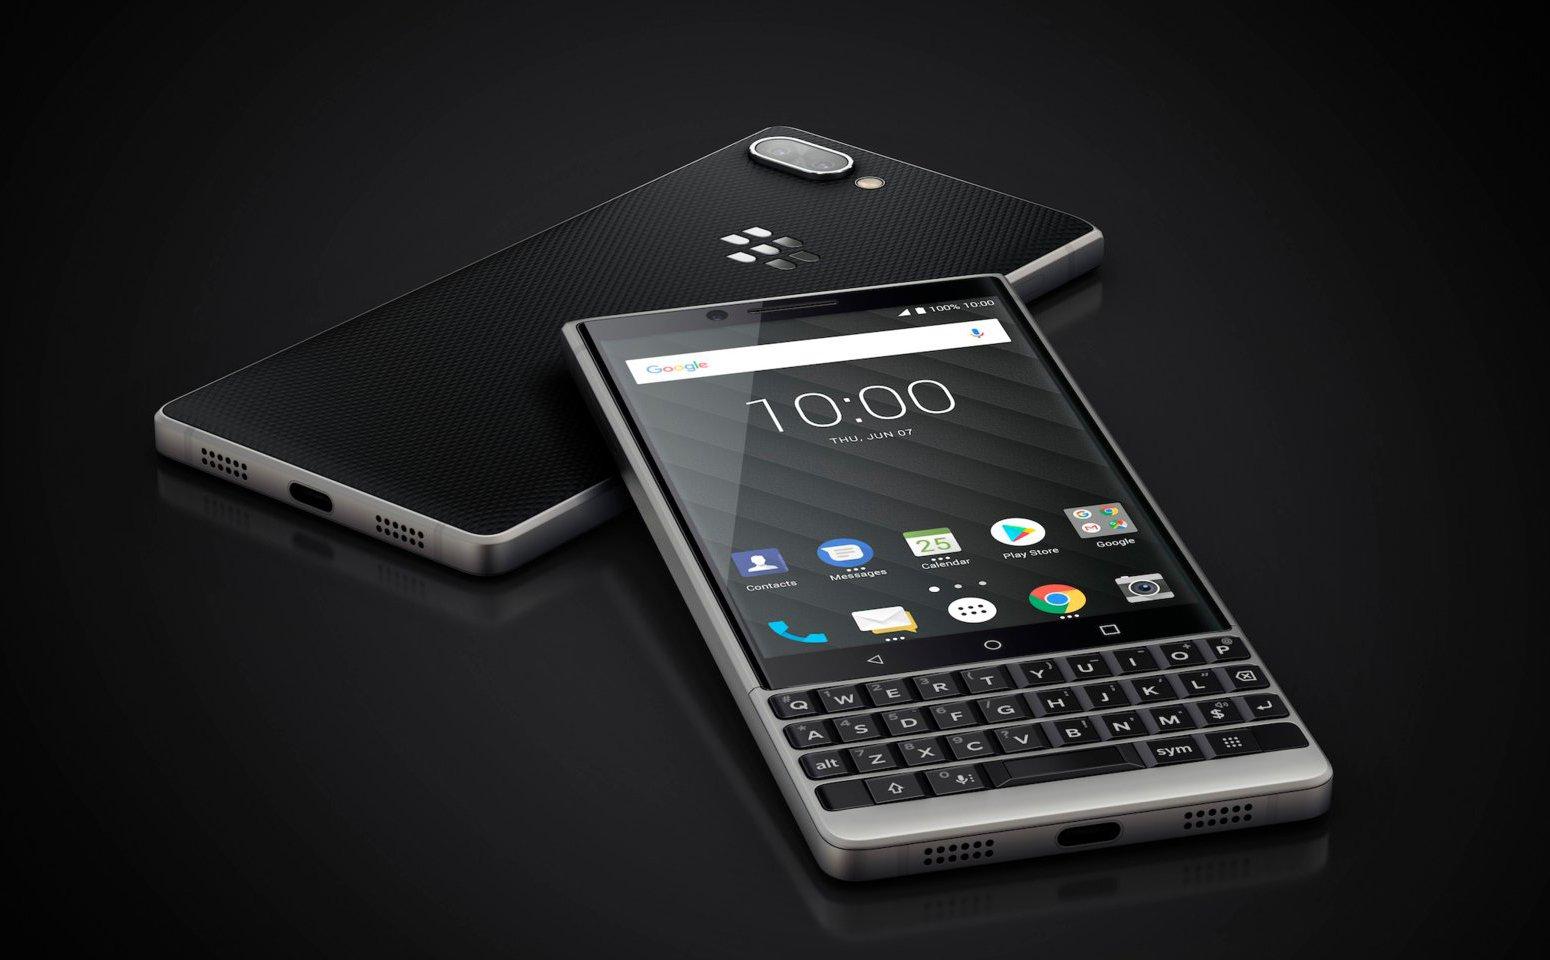 BlackBerry Key2 chính thức ra mắt với thiết kế nam tính hơn, camera kép hình 1